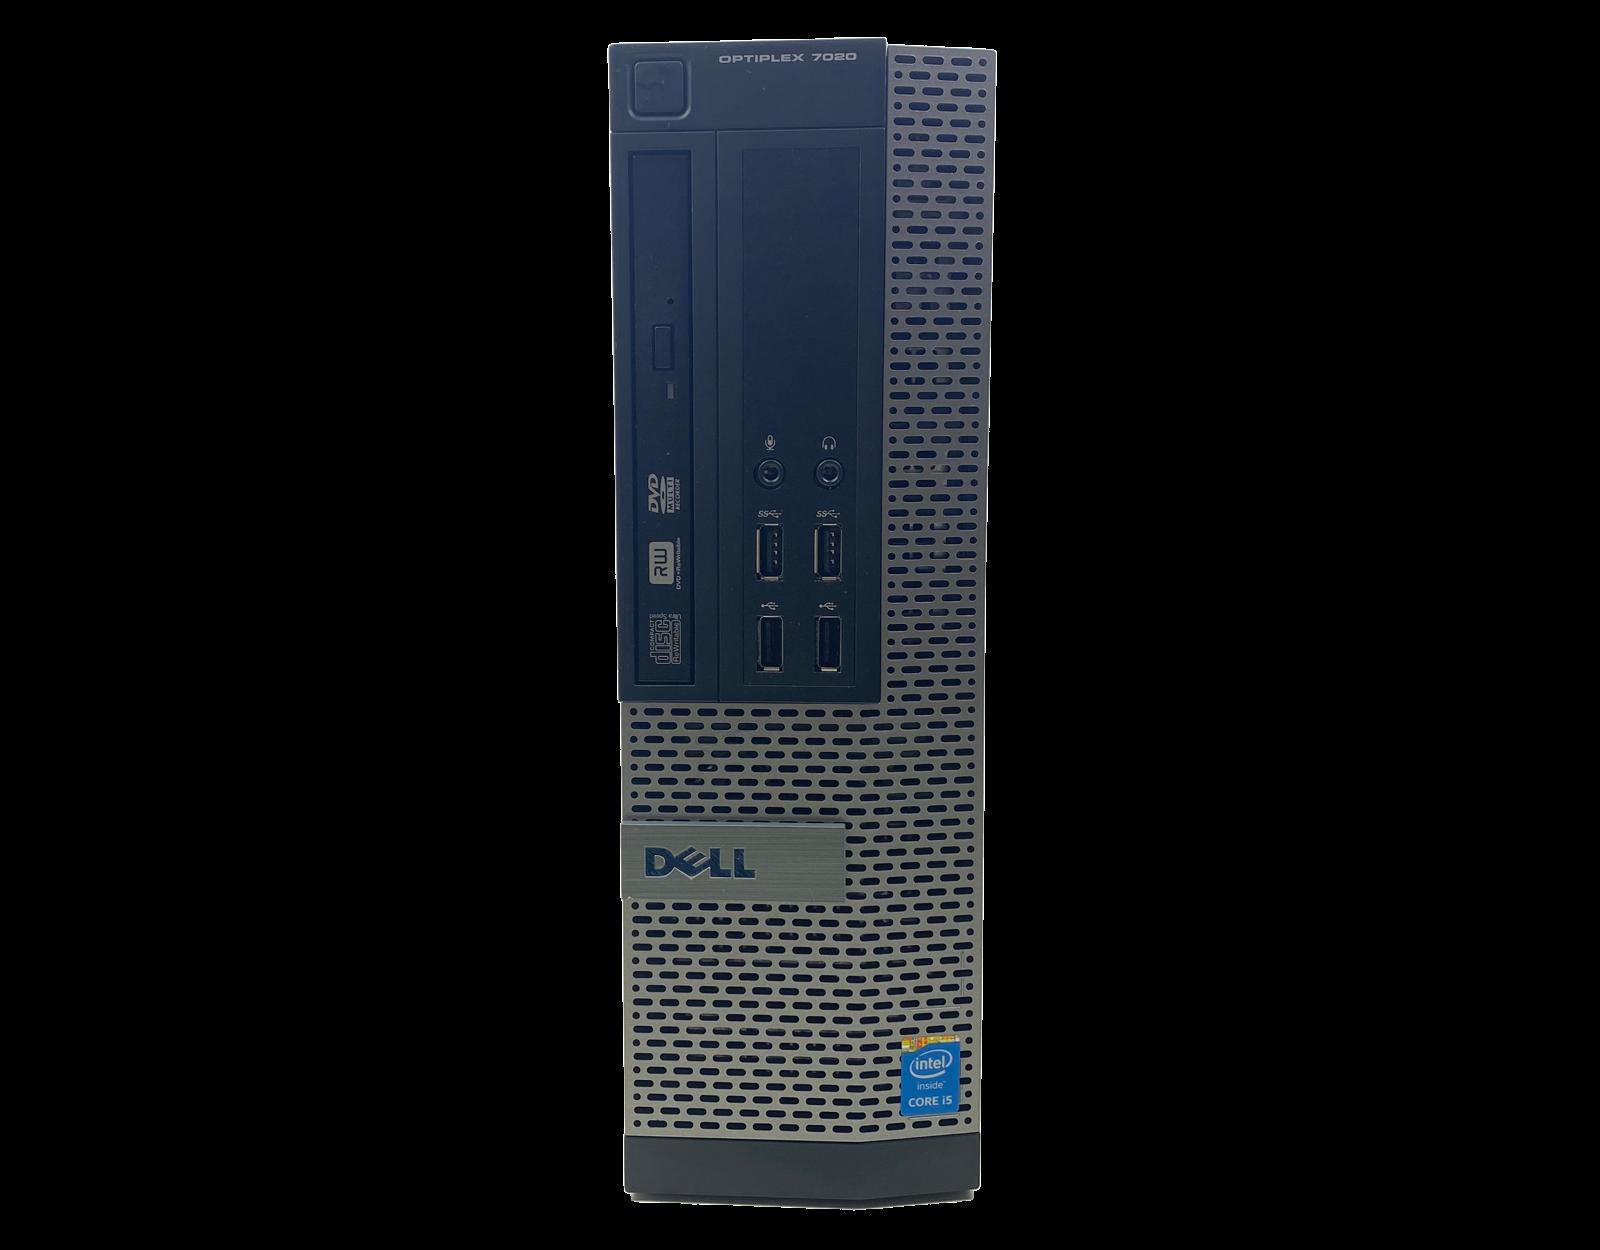 Komputer stacjonarny Dell Optiplex 7020 SFF i5 - 4590 / 8GB / 240 GB SSD / GTX 1050 Ti / DVD / Klasa A + Windows 10 Home - 2